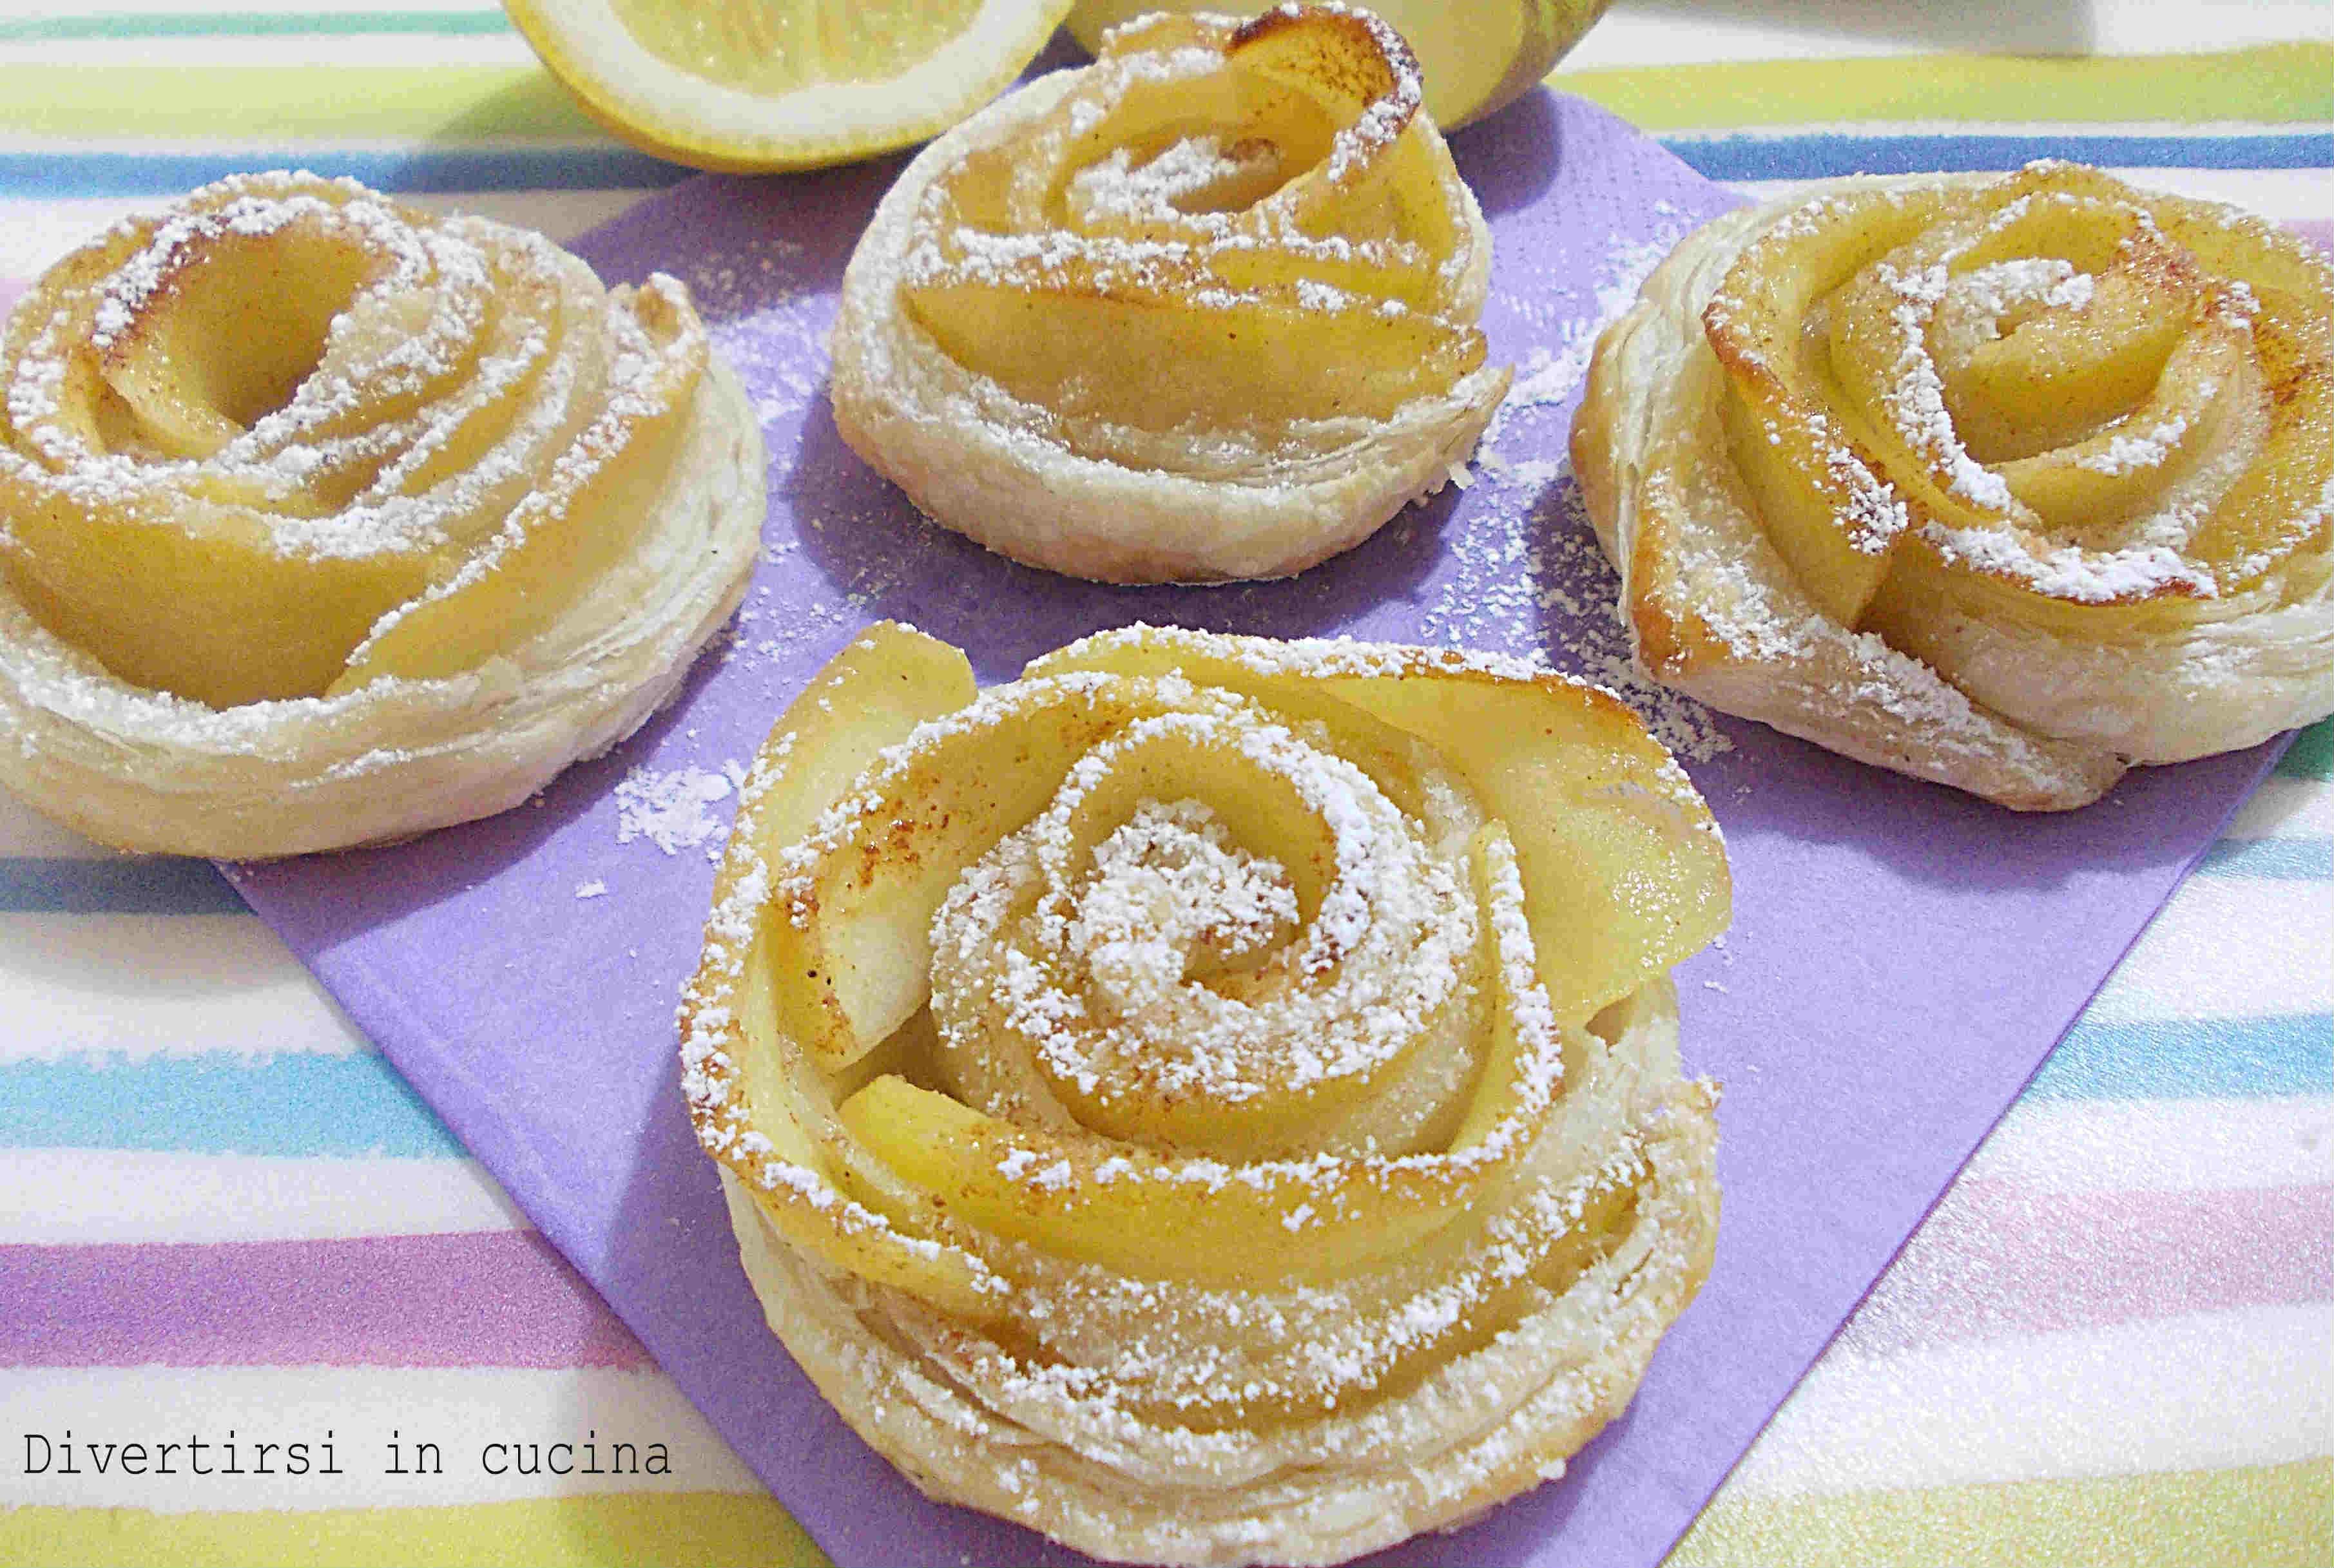 Inspirational top da cucina ricetta dolce panna e fragole la